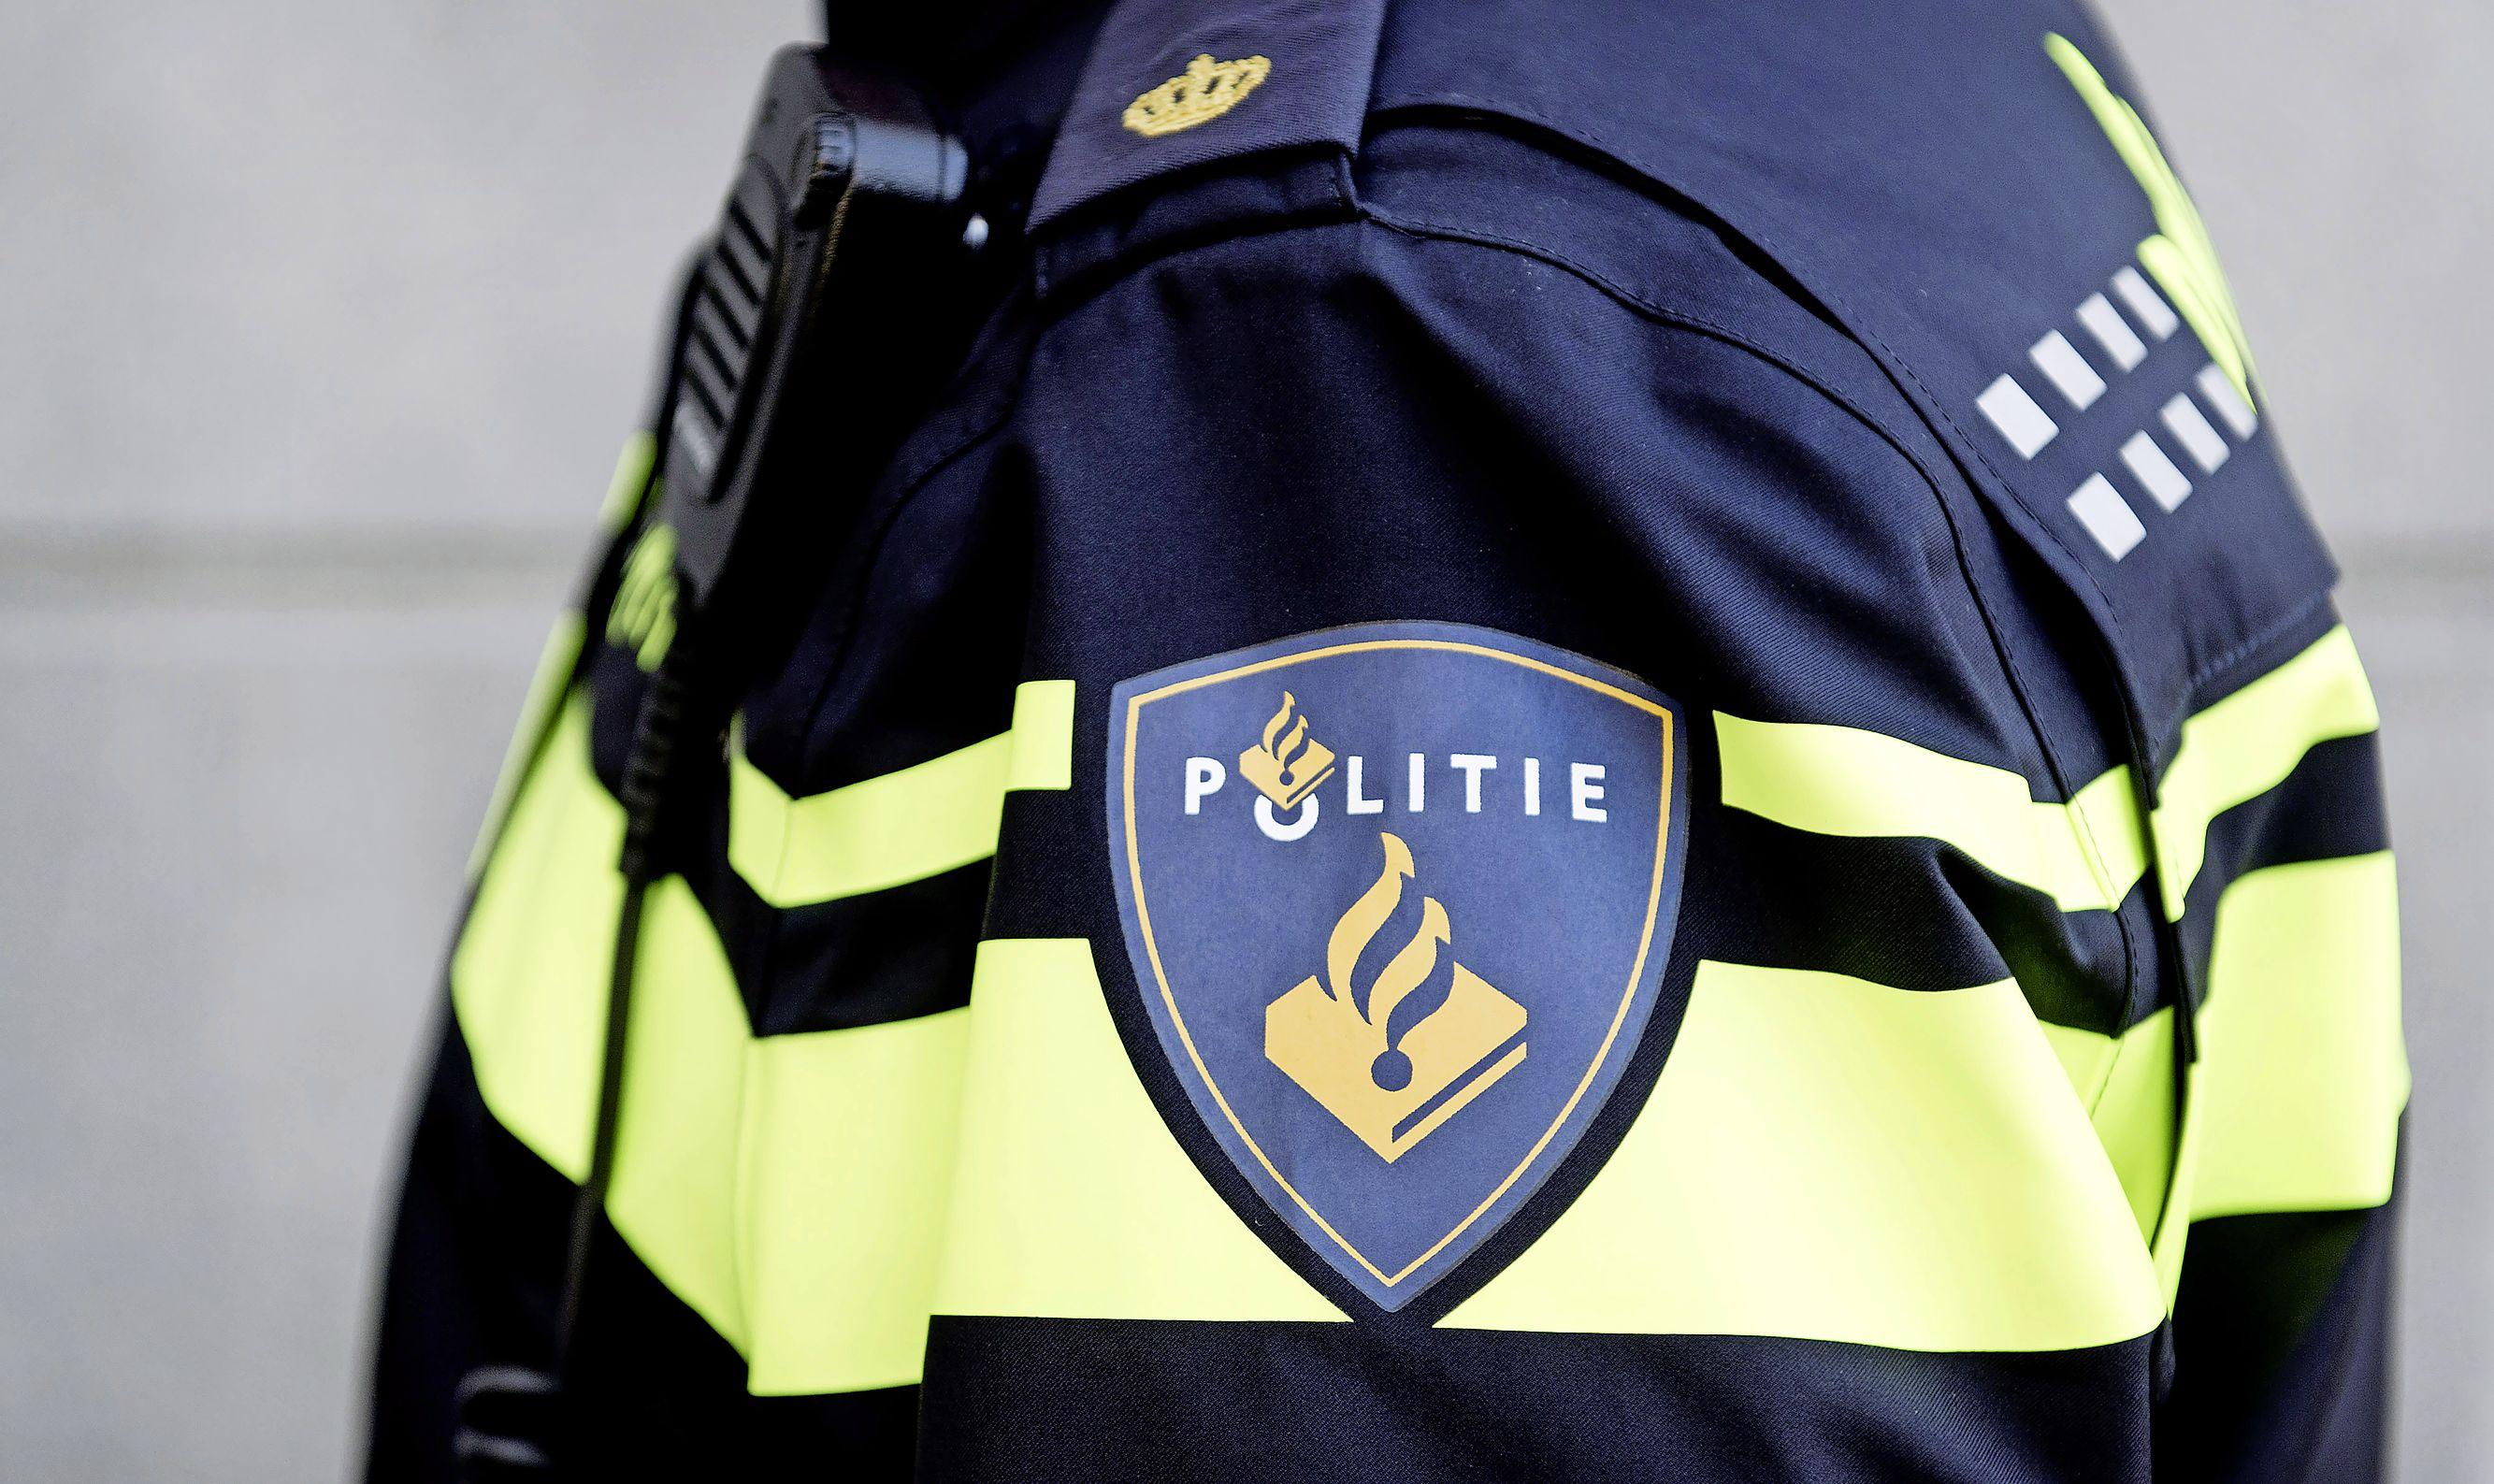 Ouders van minderjarige kinderen die 9-jarige jongen beroofden van zijn step melden zich bij de politie